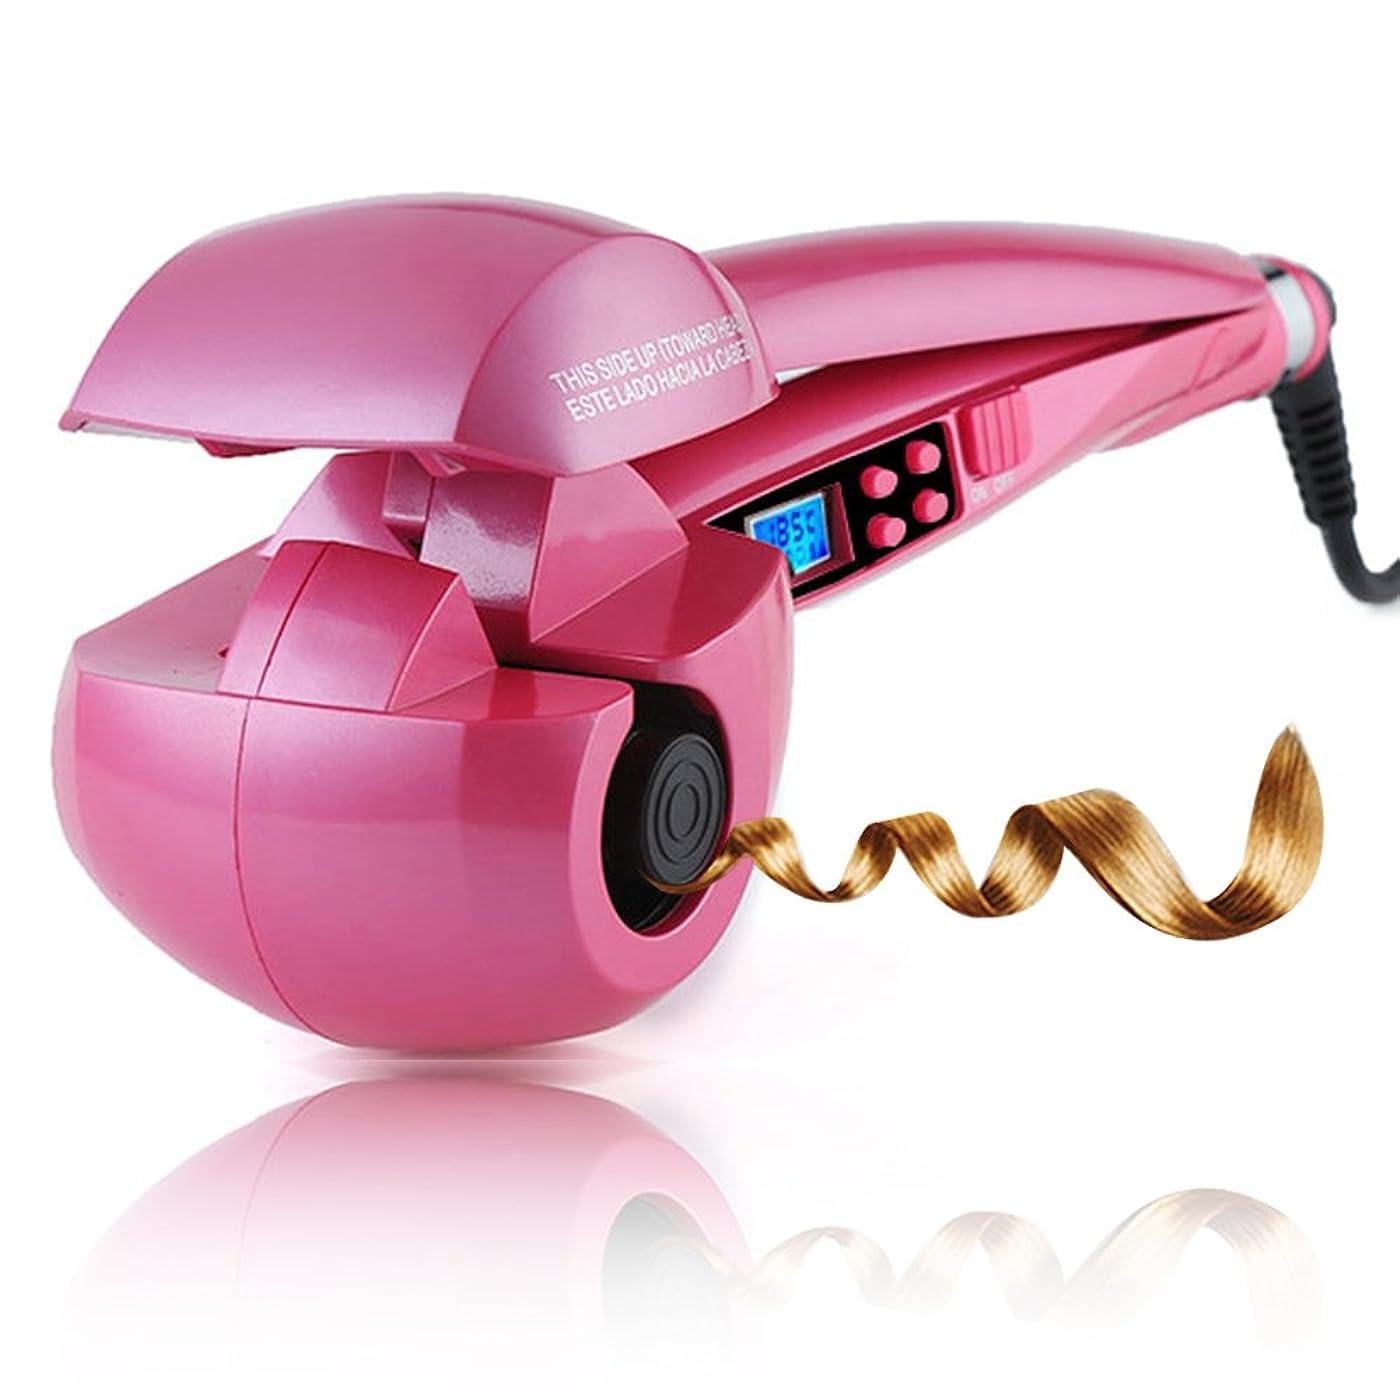 商業のシフト水差しMEIKOU オートカール ヘアアイロン 8秒自動巻き ミラカール 日本語取扱説明書付き (ピンク)